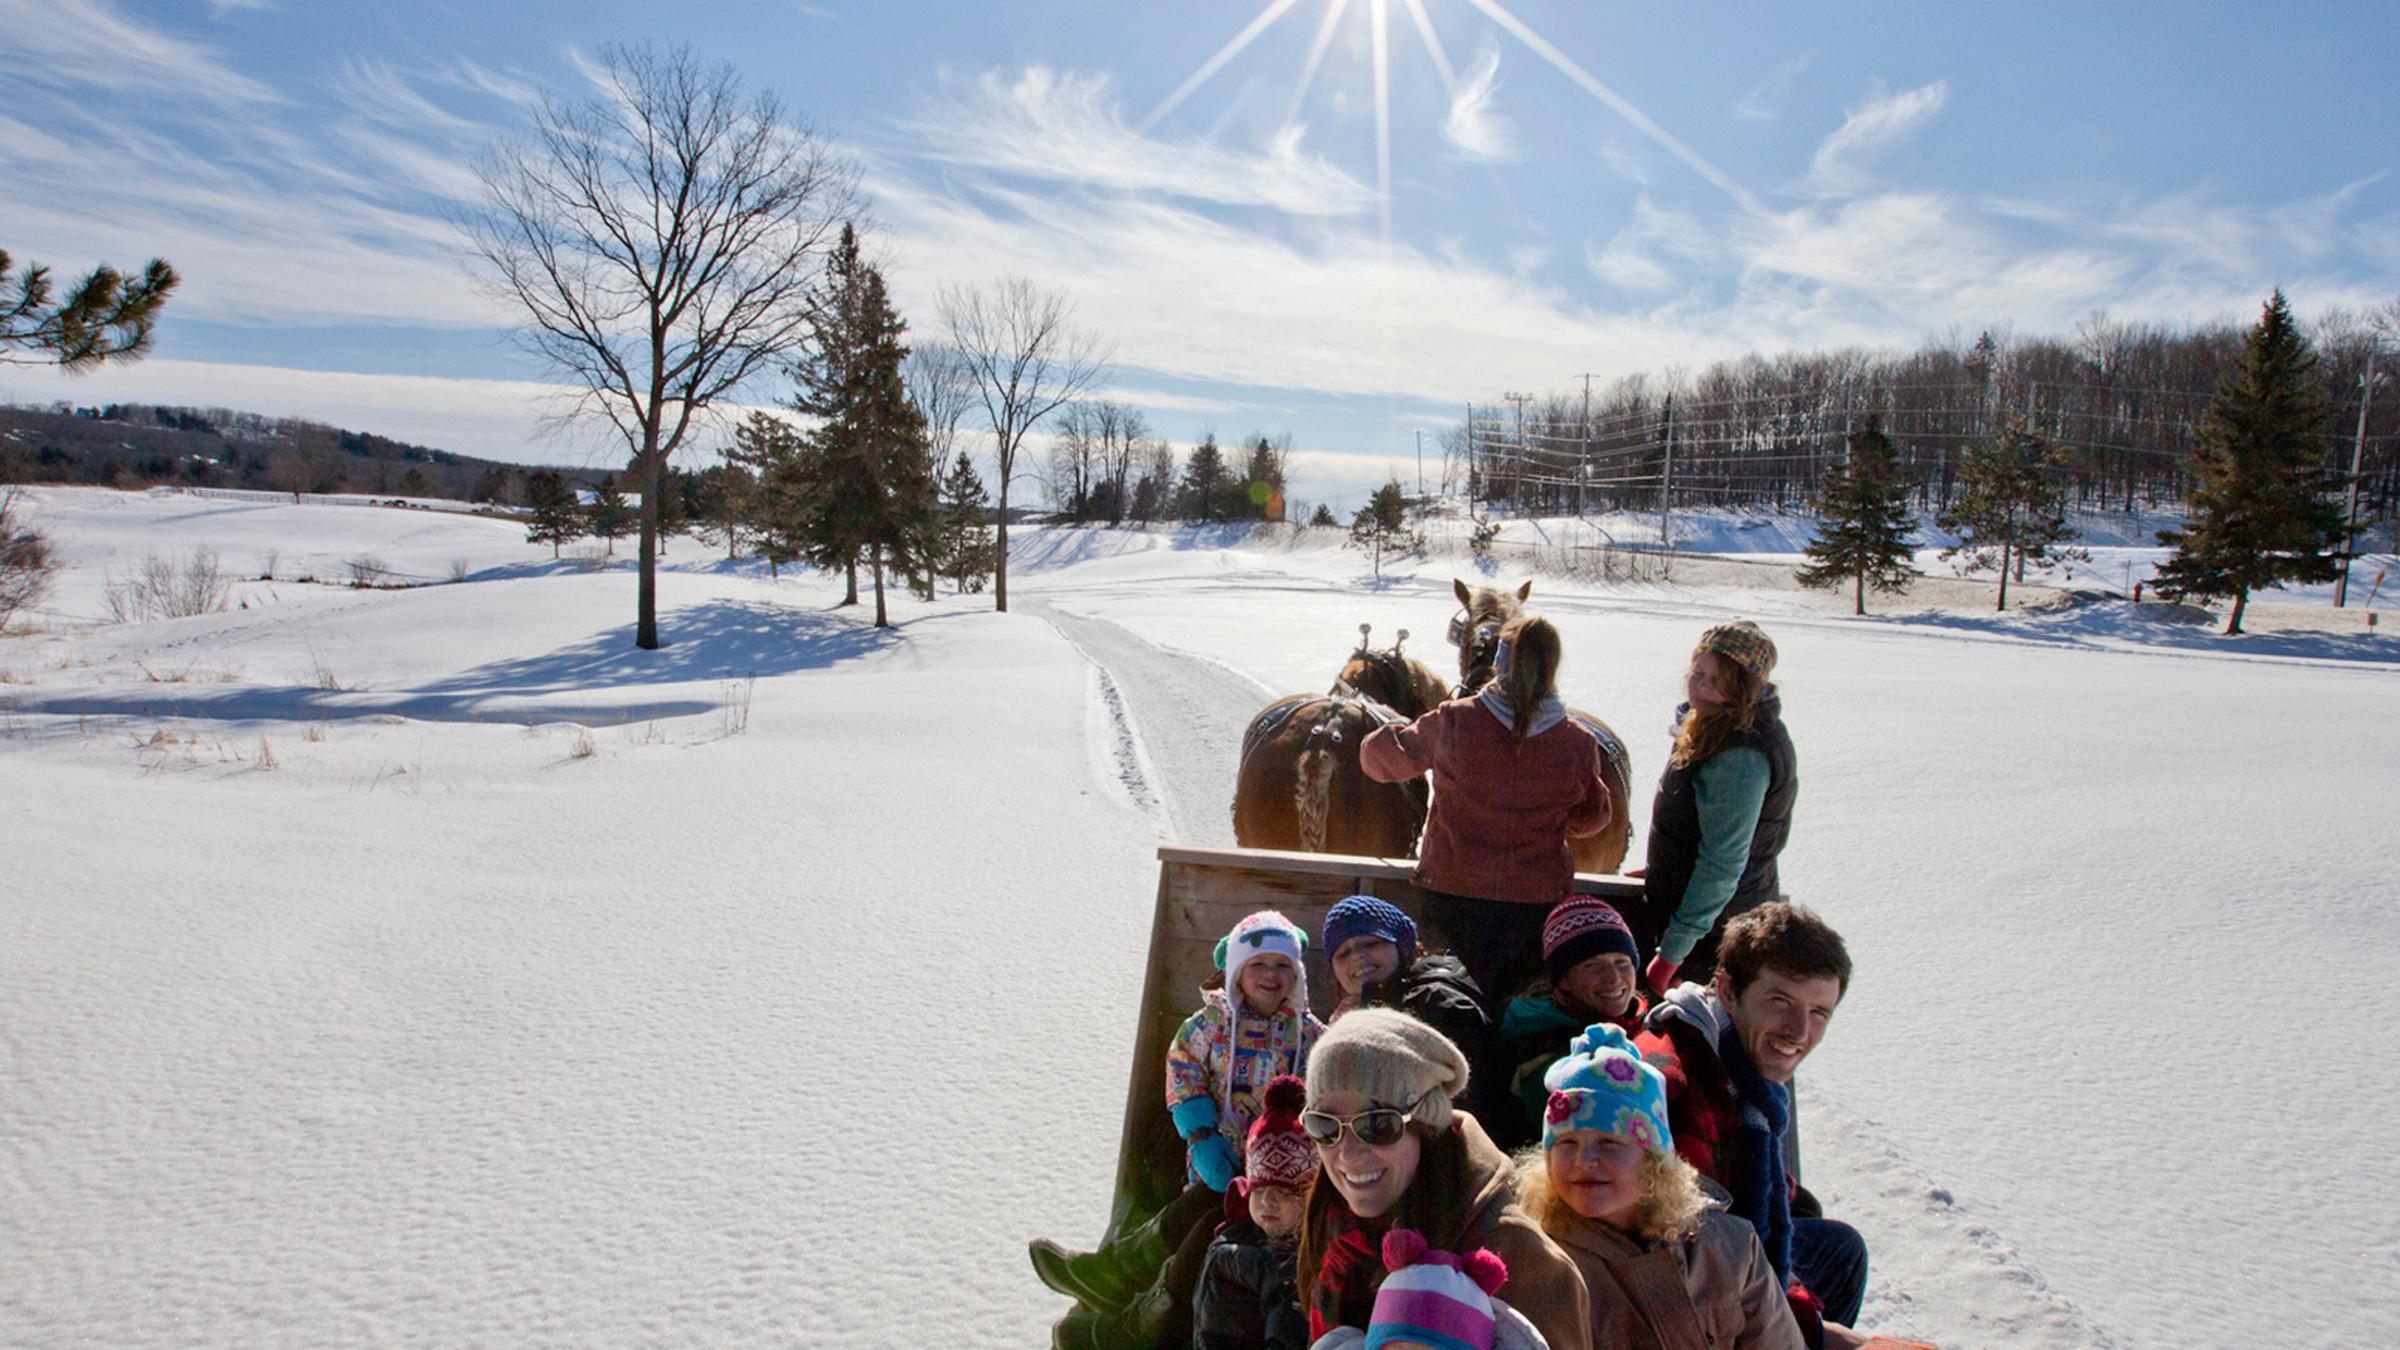 Winter Activities at Deerhurst